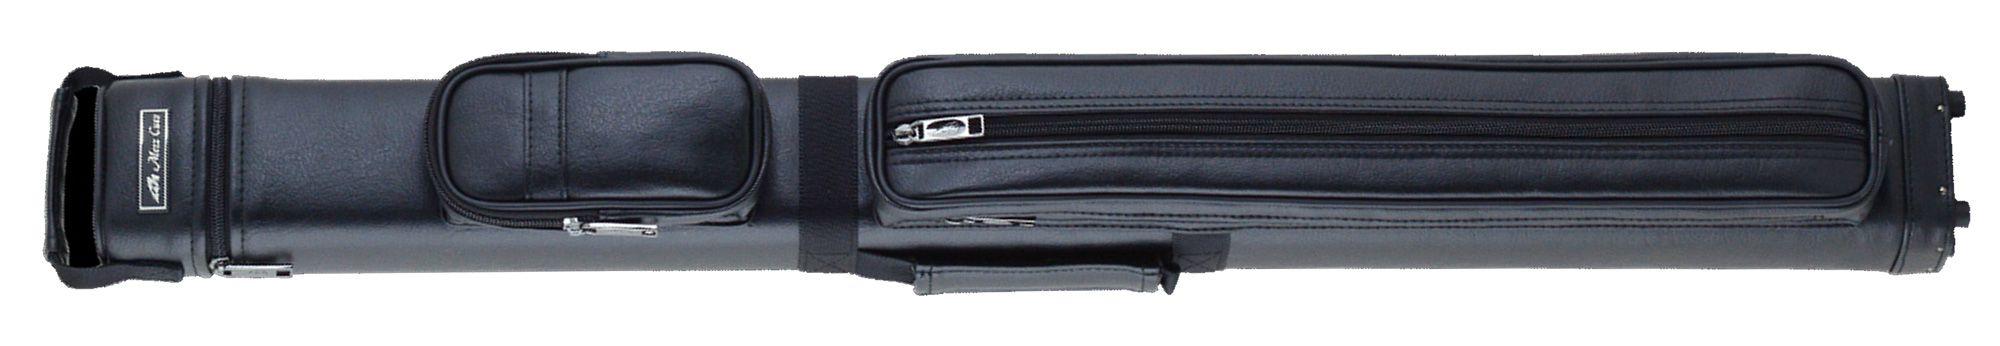 キューケース mo-23k ブラック (バット2本シャフト3本収納) 商品画像